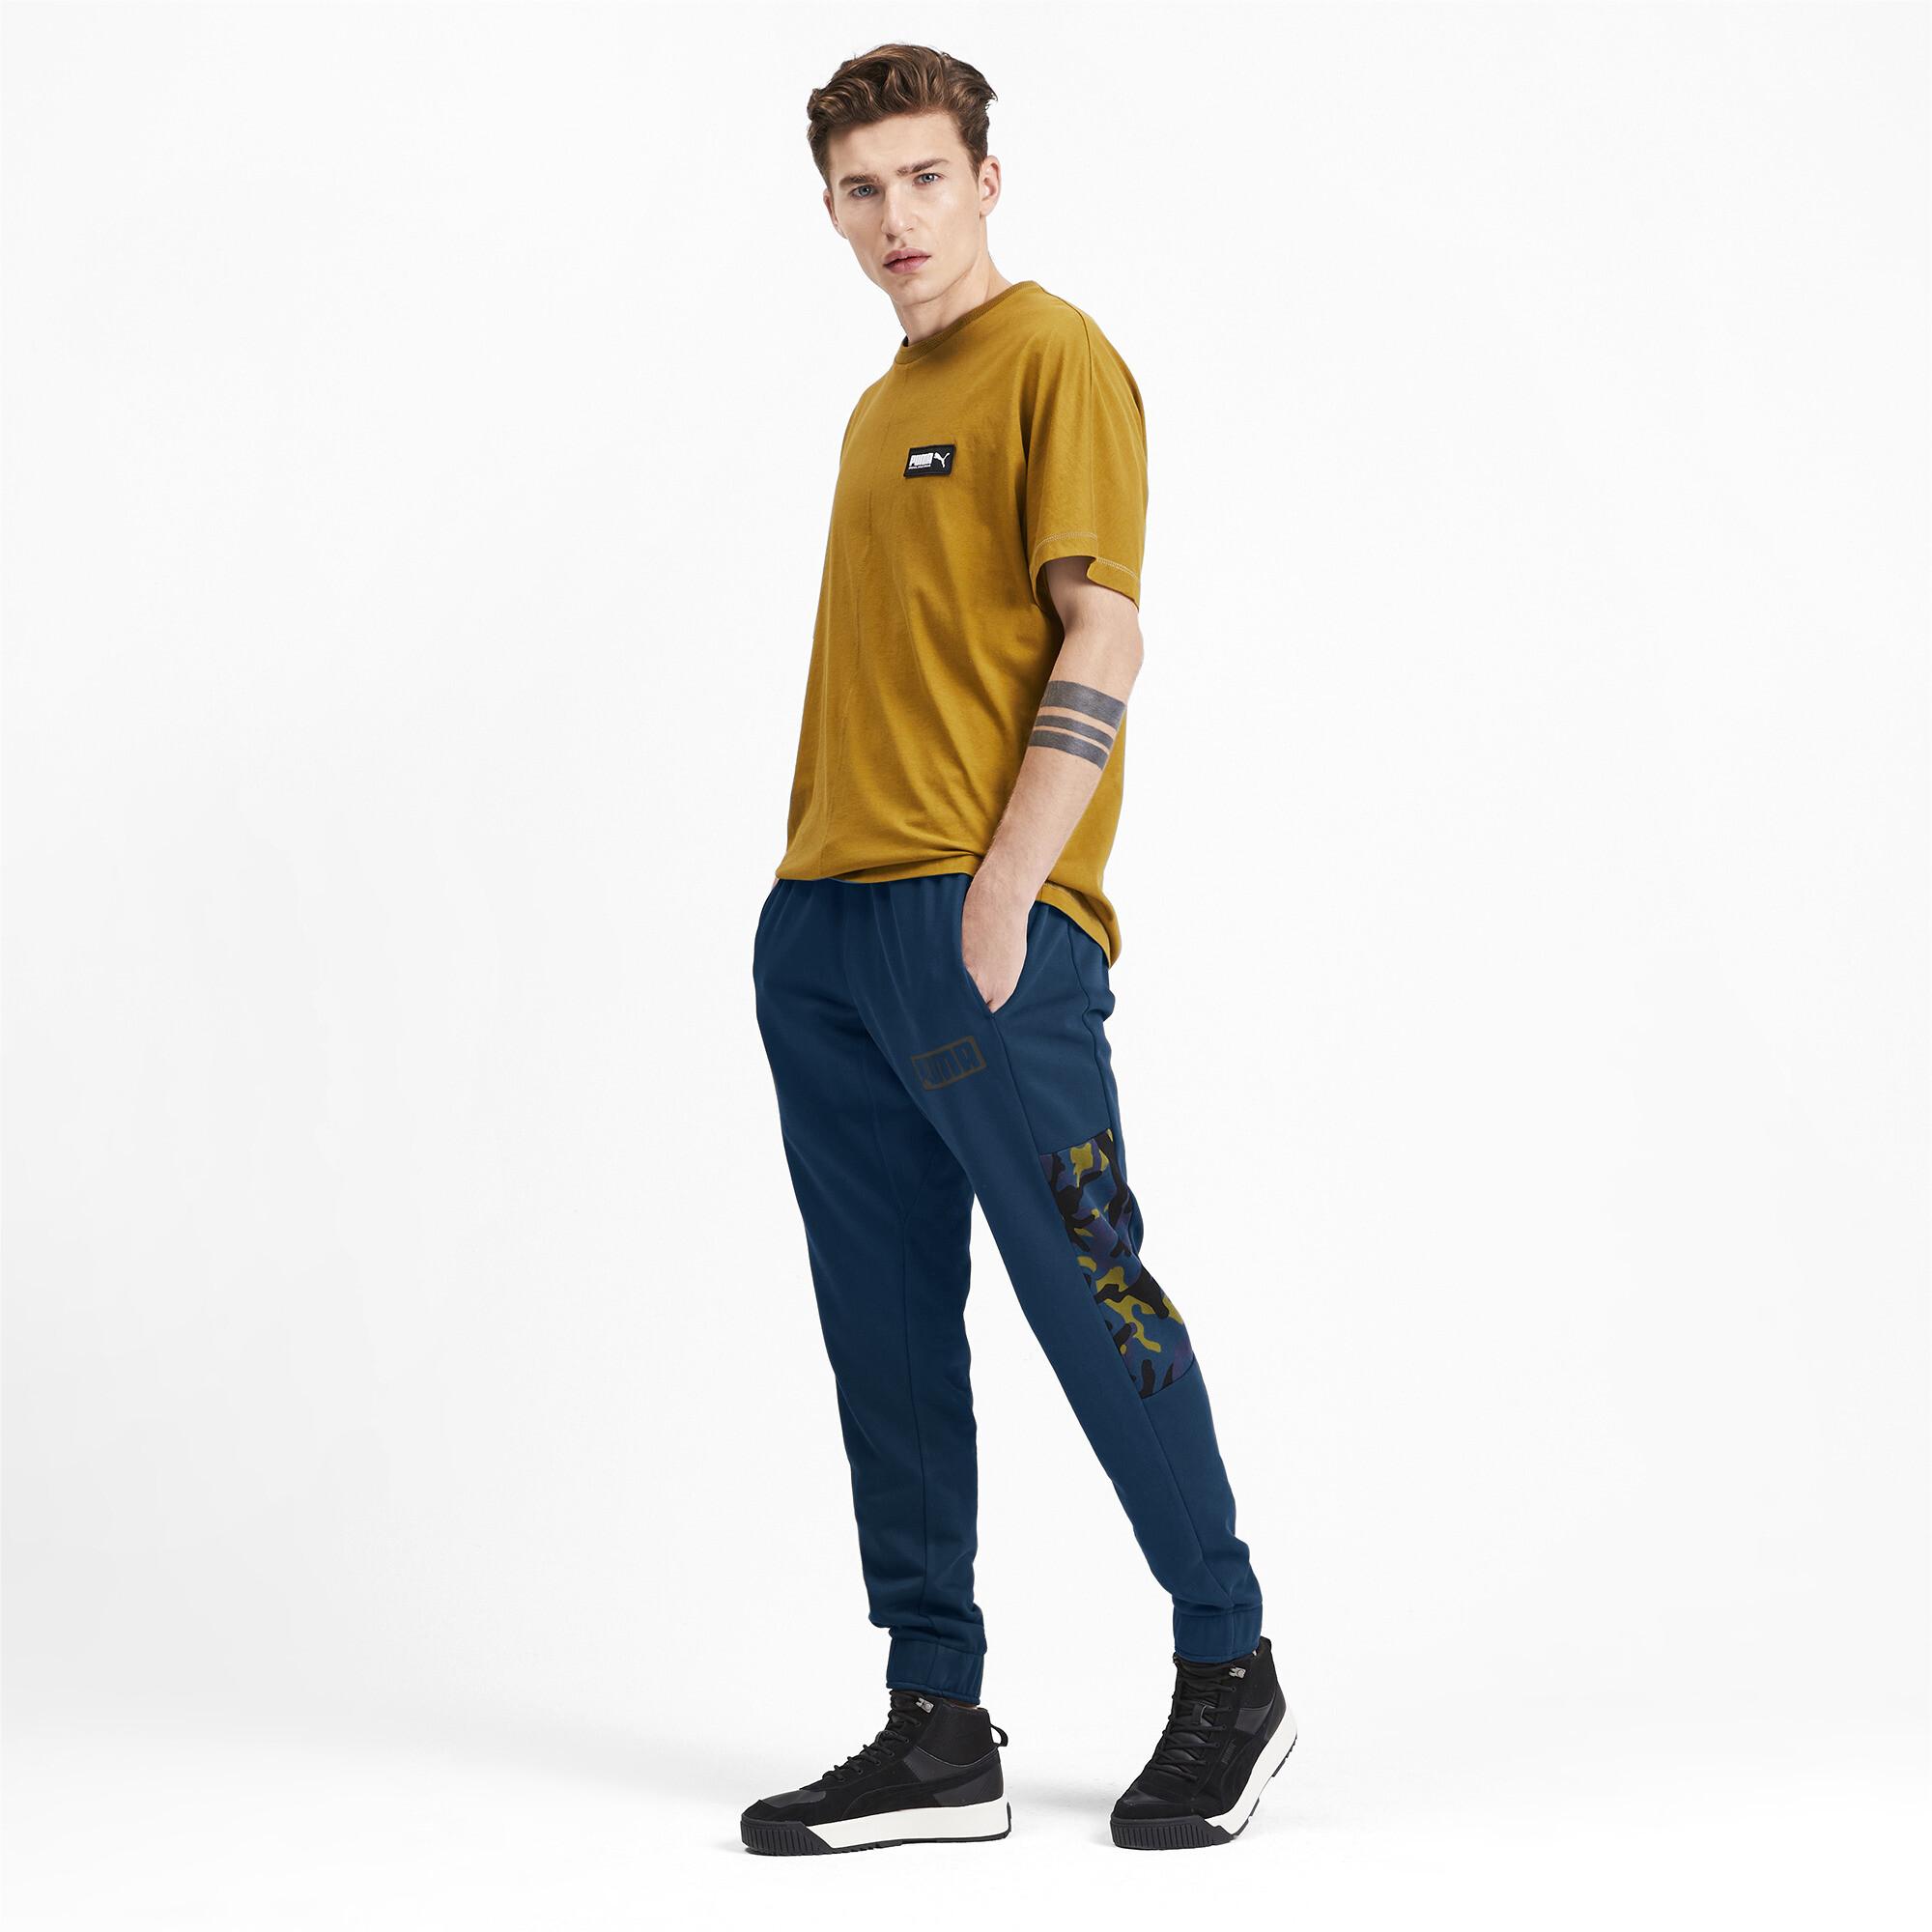 Puma-Pantalones-De-Hombre-Camuflaje-rebelde-hombre-de-punto-pantalones-Basics miniatura 10